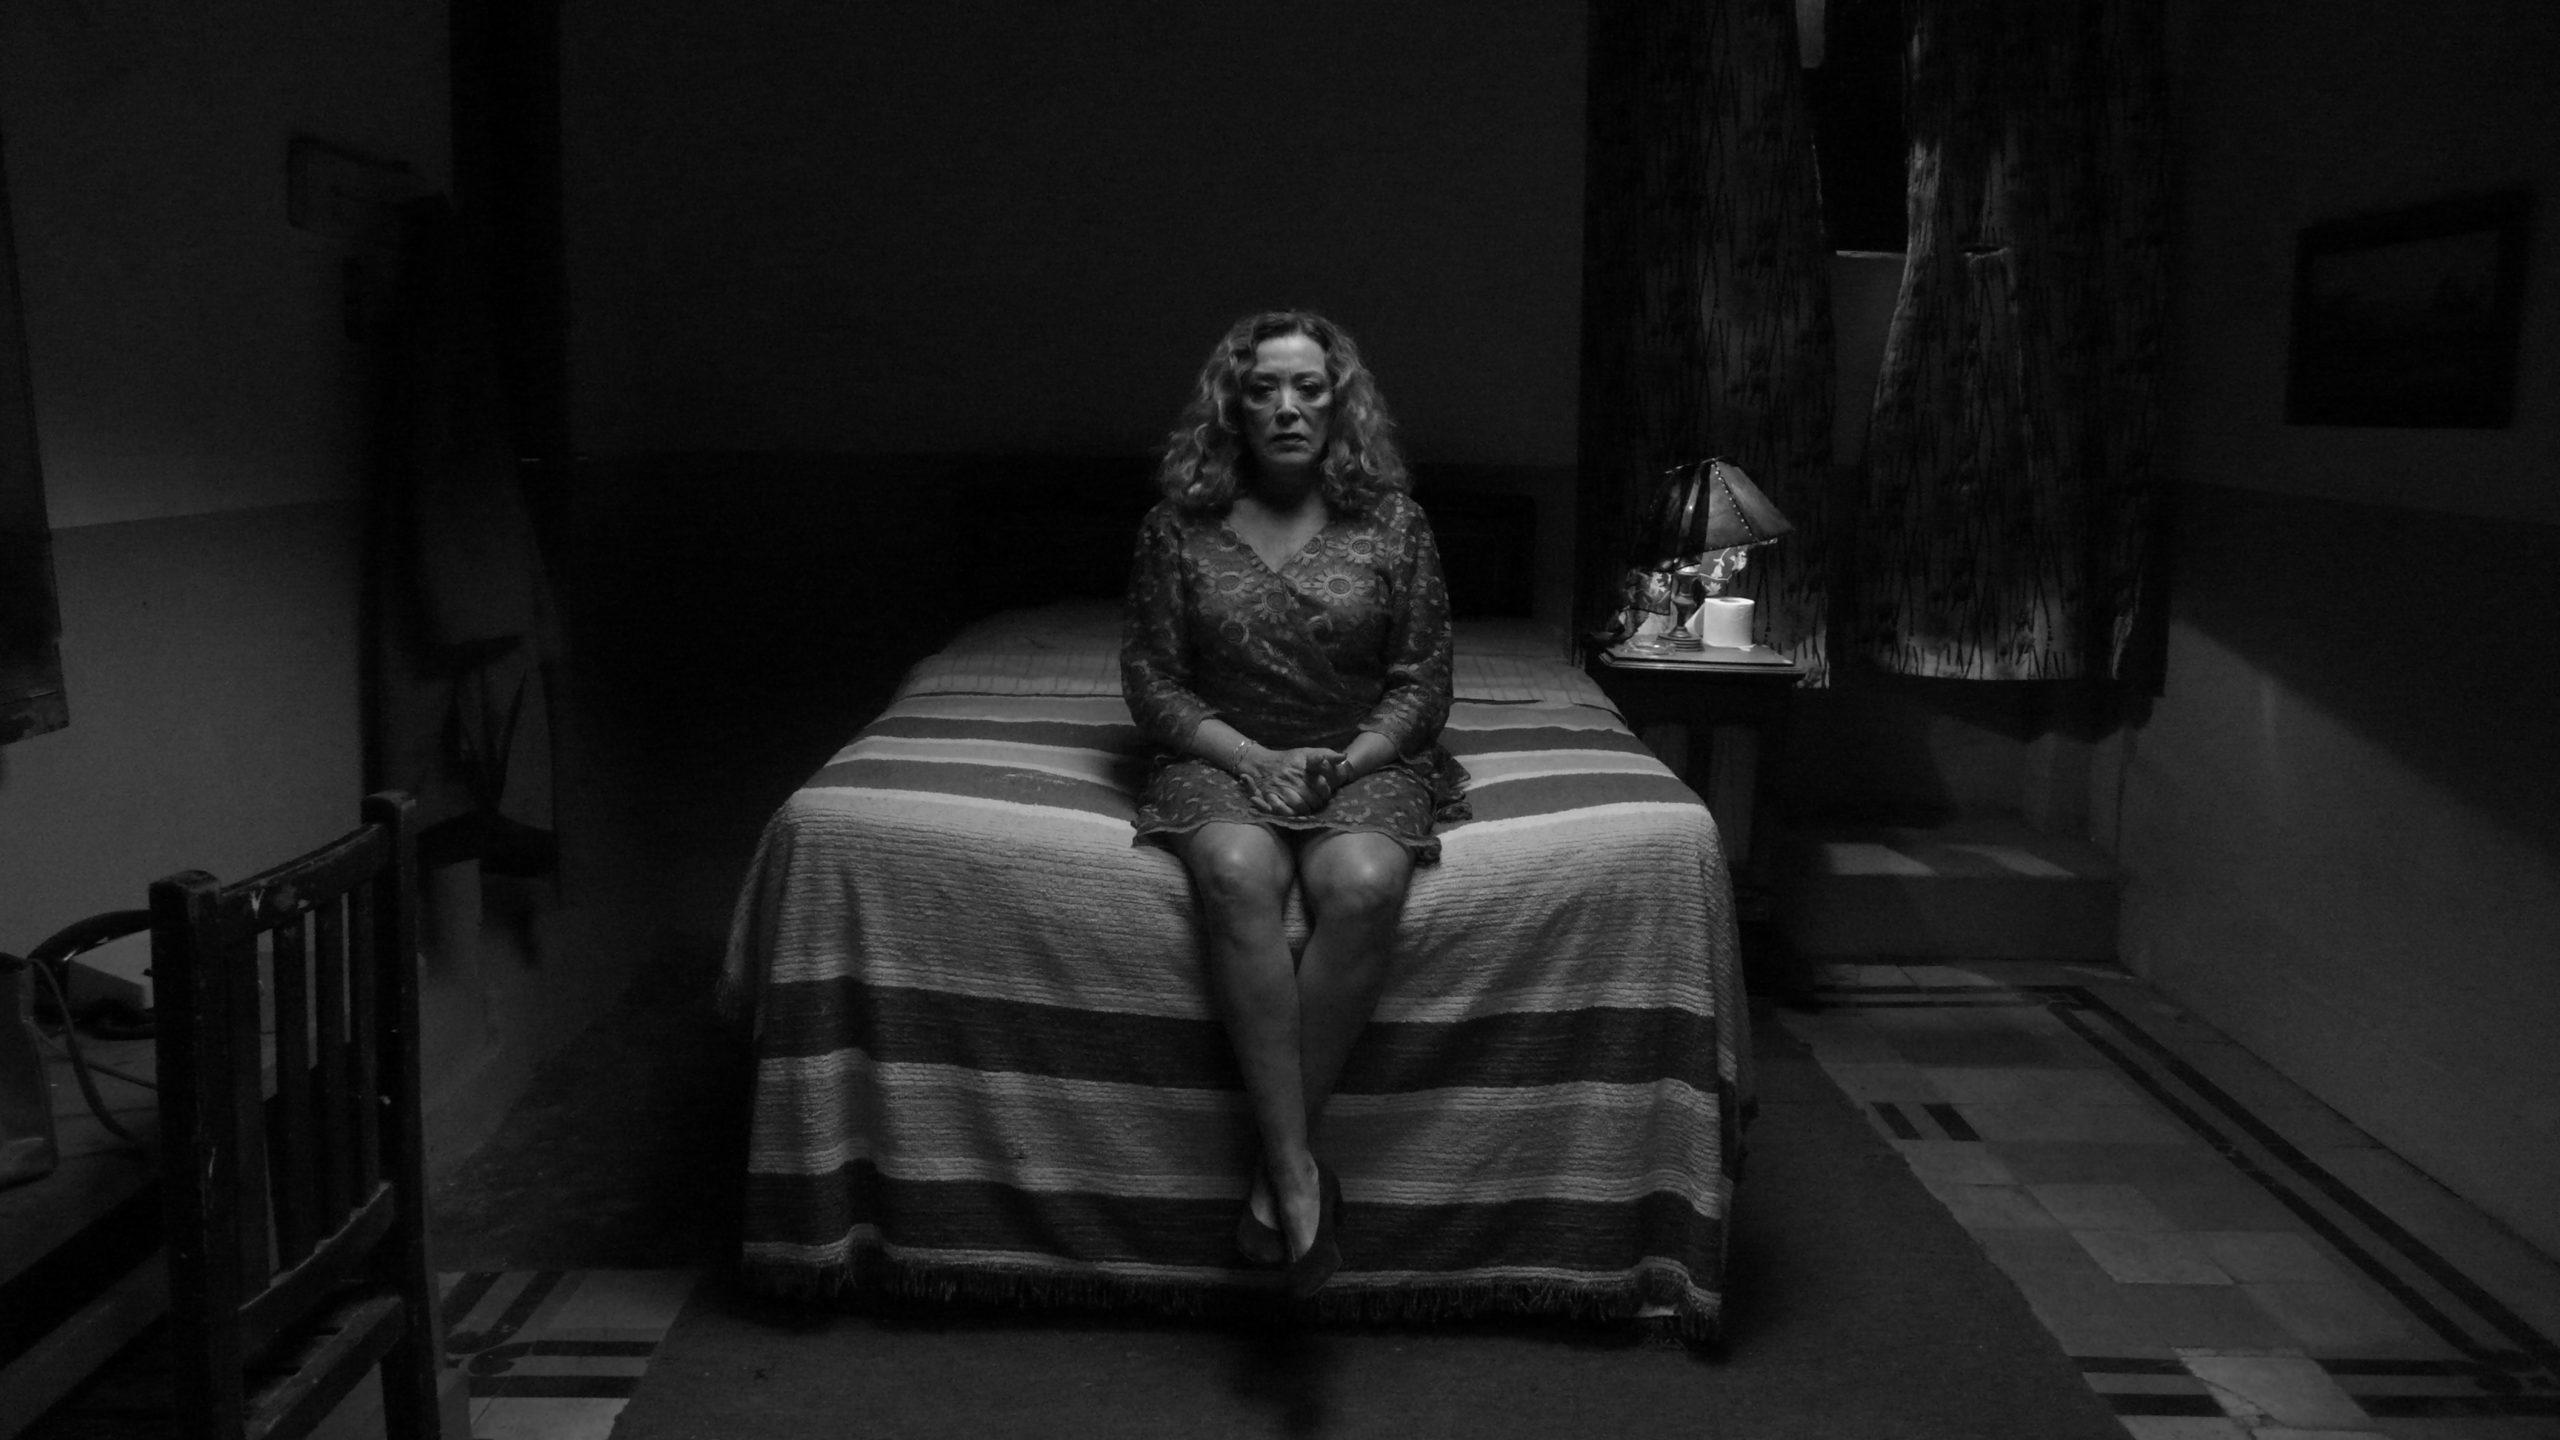 El Diablo entre las piernas, el más reciente largometraje del director judío Arturo Ripstein, se estrenará en 46 cines mexicanos este 5 de mayo